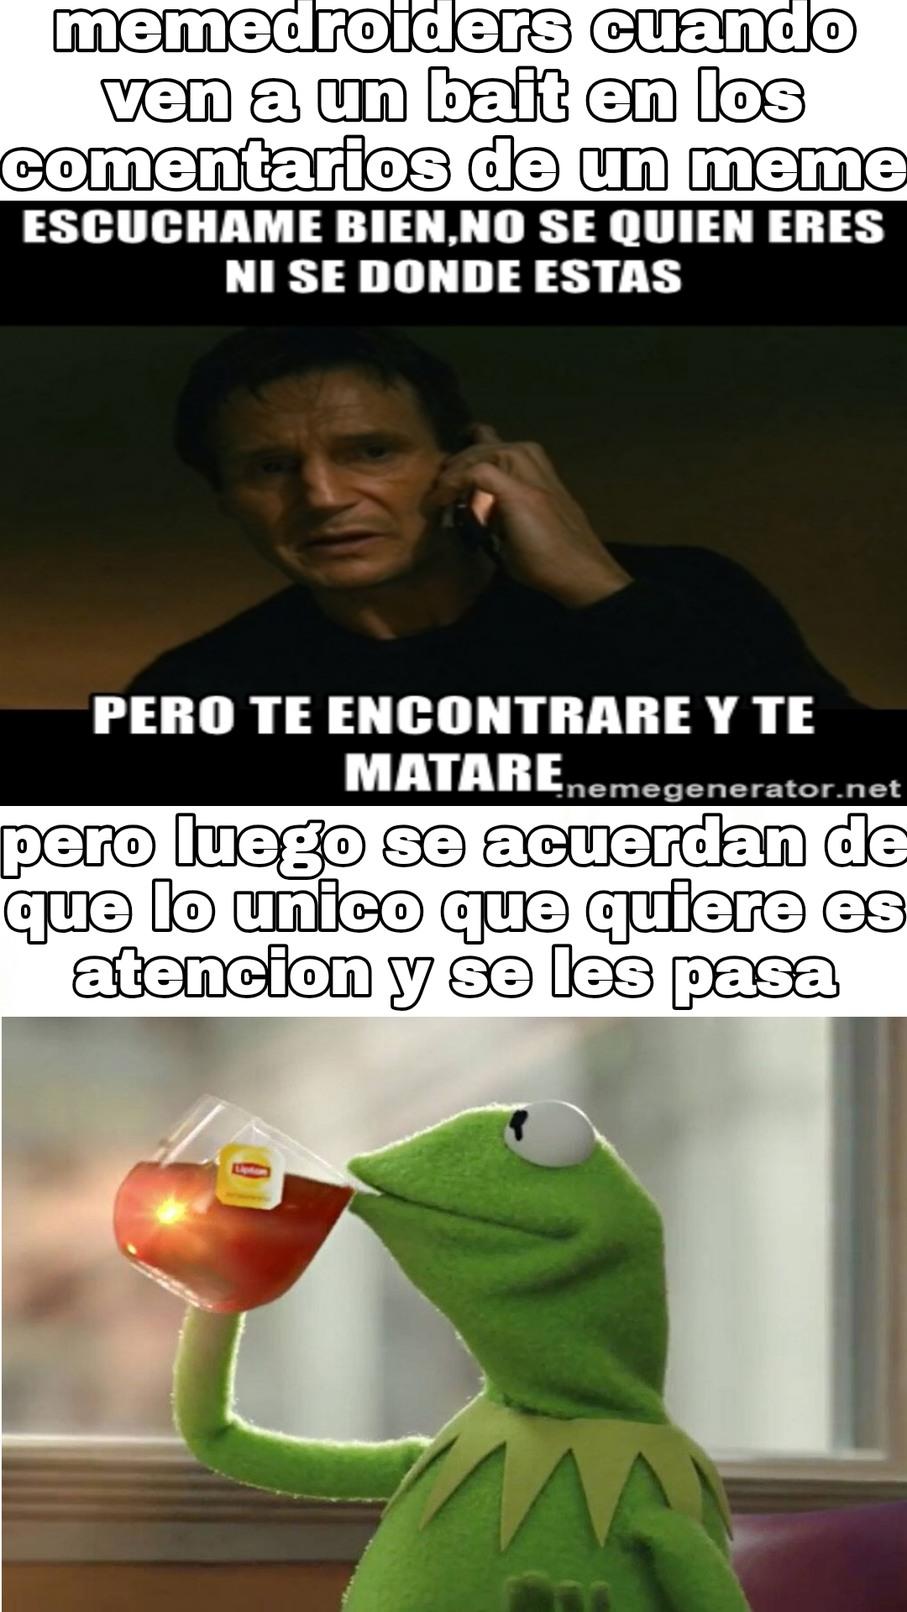 2012 momento numero 2 - meme